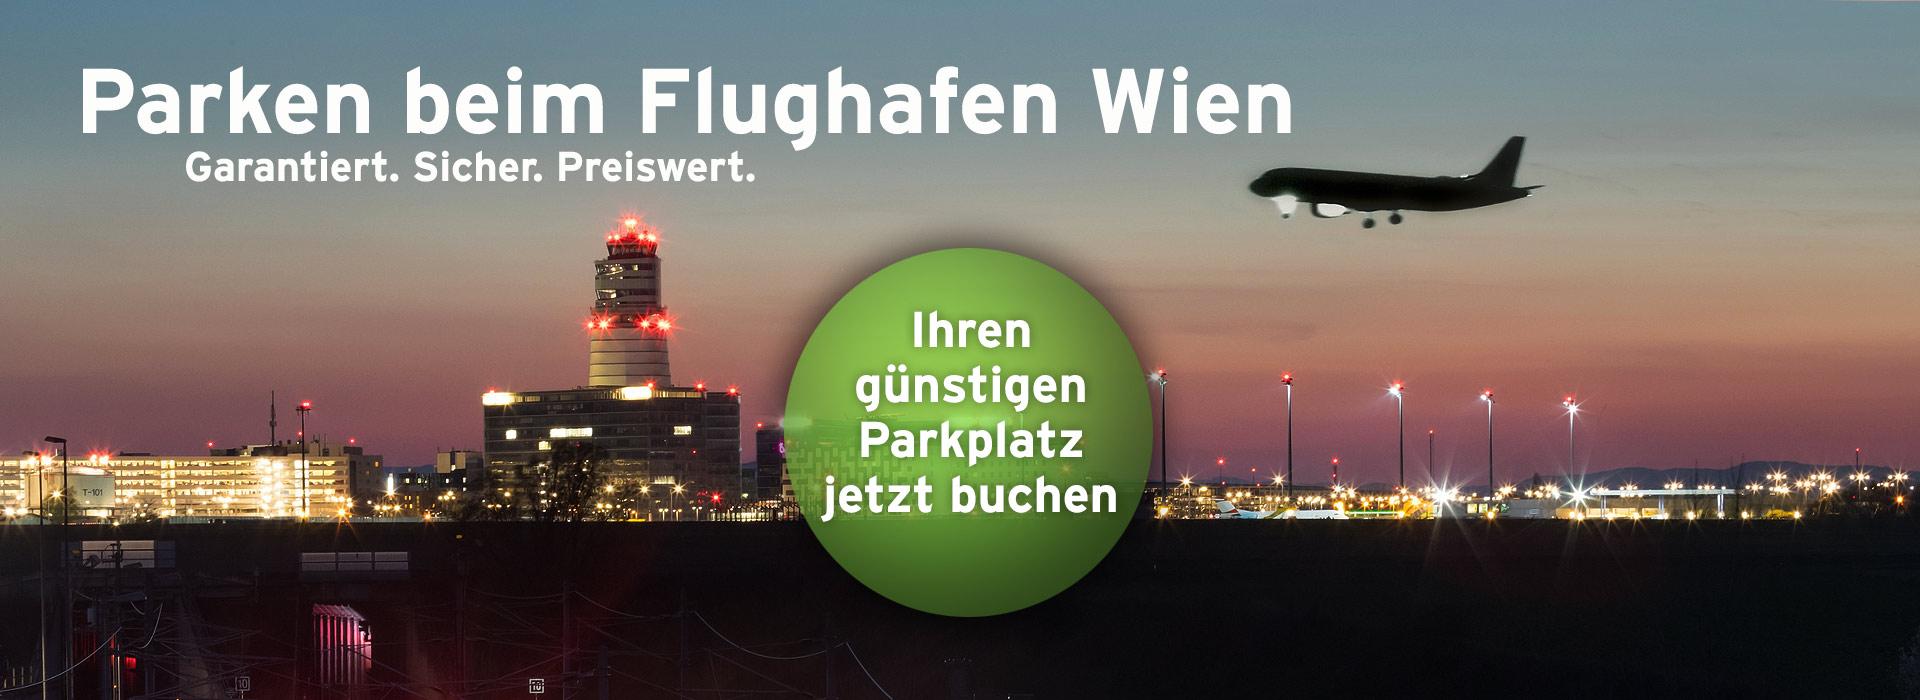 Flughafen Wien - Günstig und sicher parken